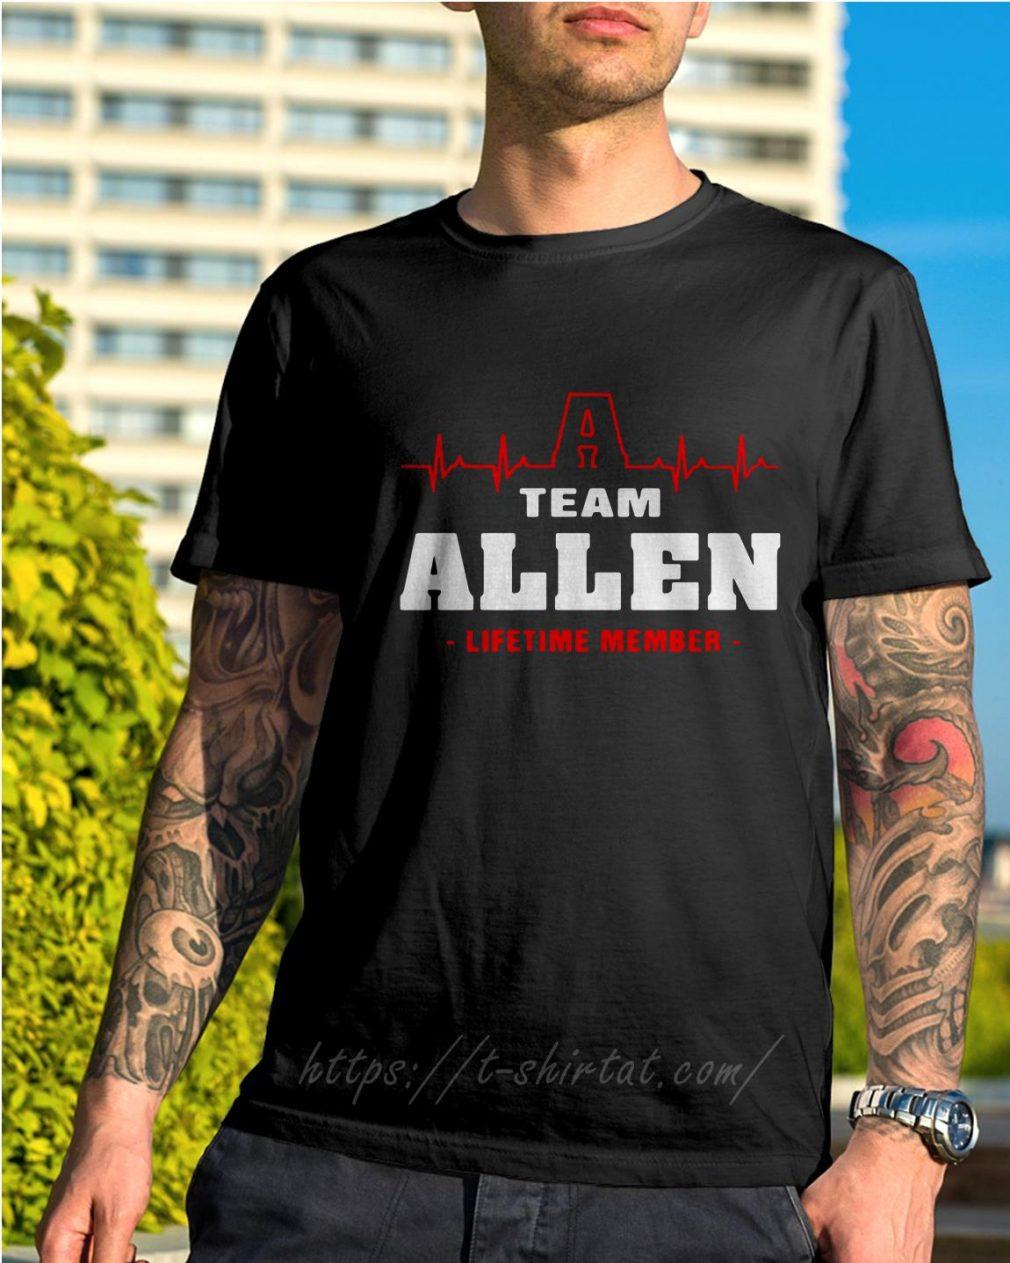 Heartbeat Allen lifetime member shirt